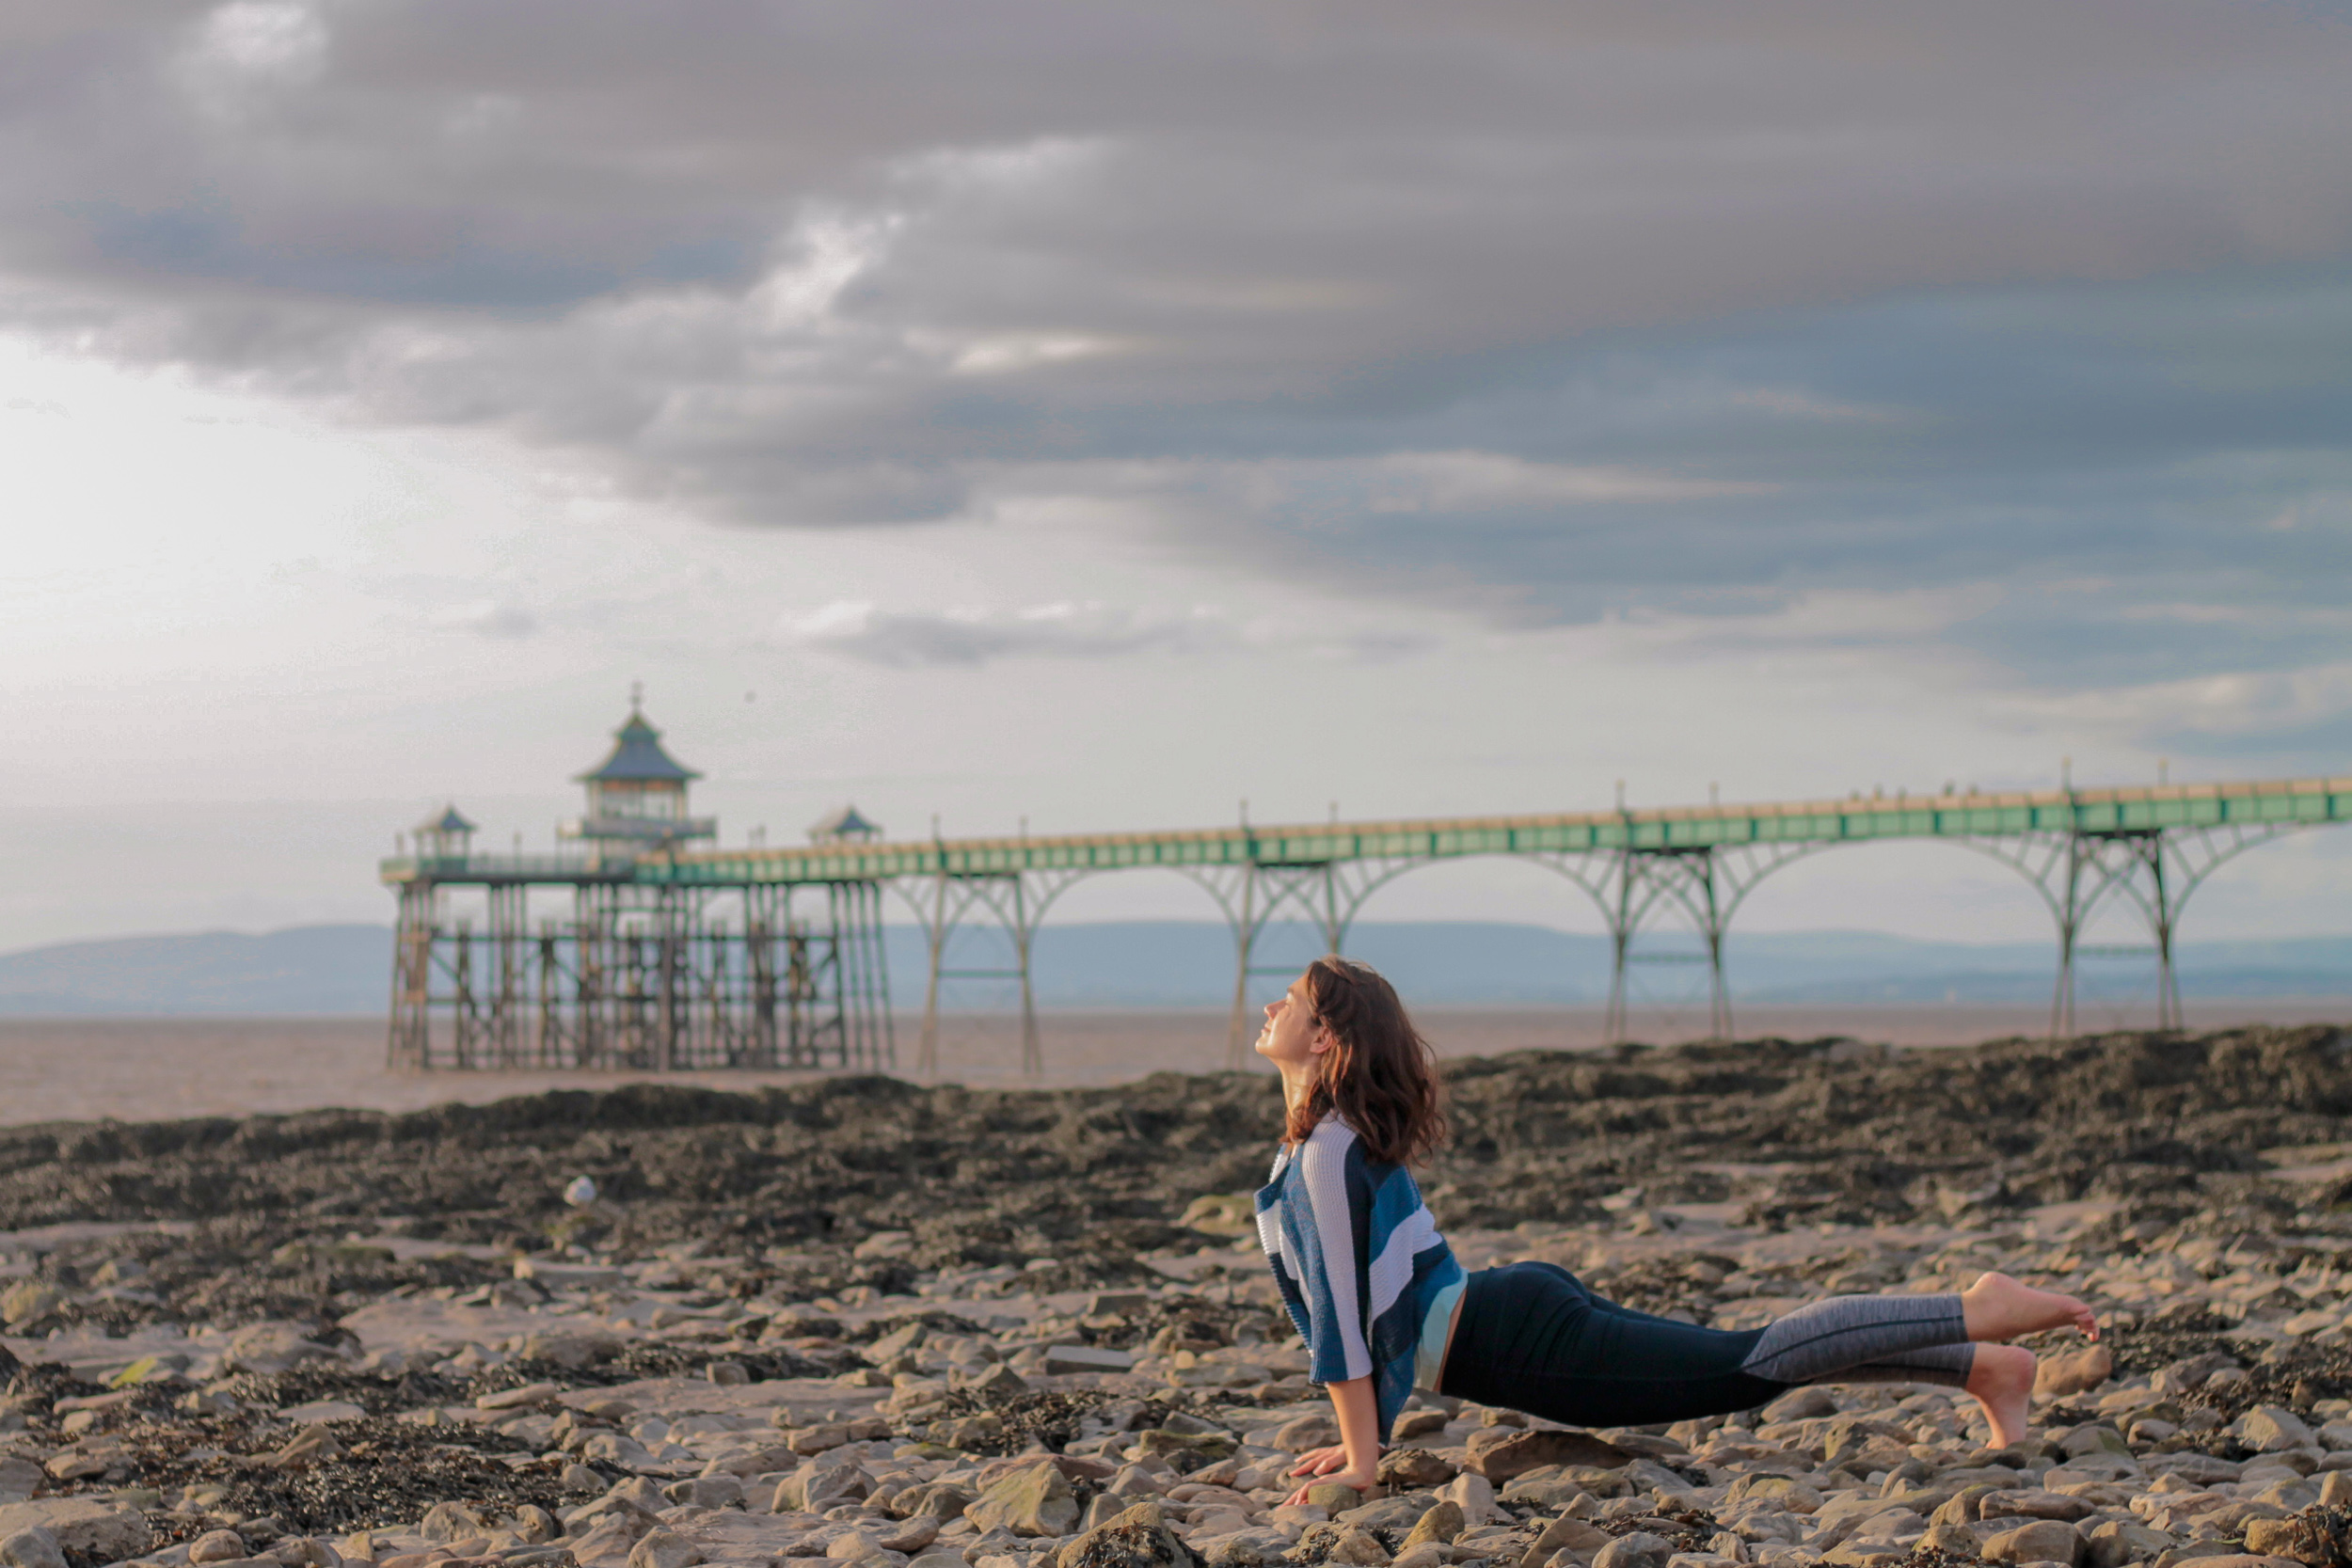 Kat near her hometown at Clevedon Pier